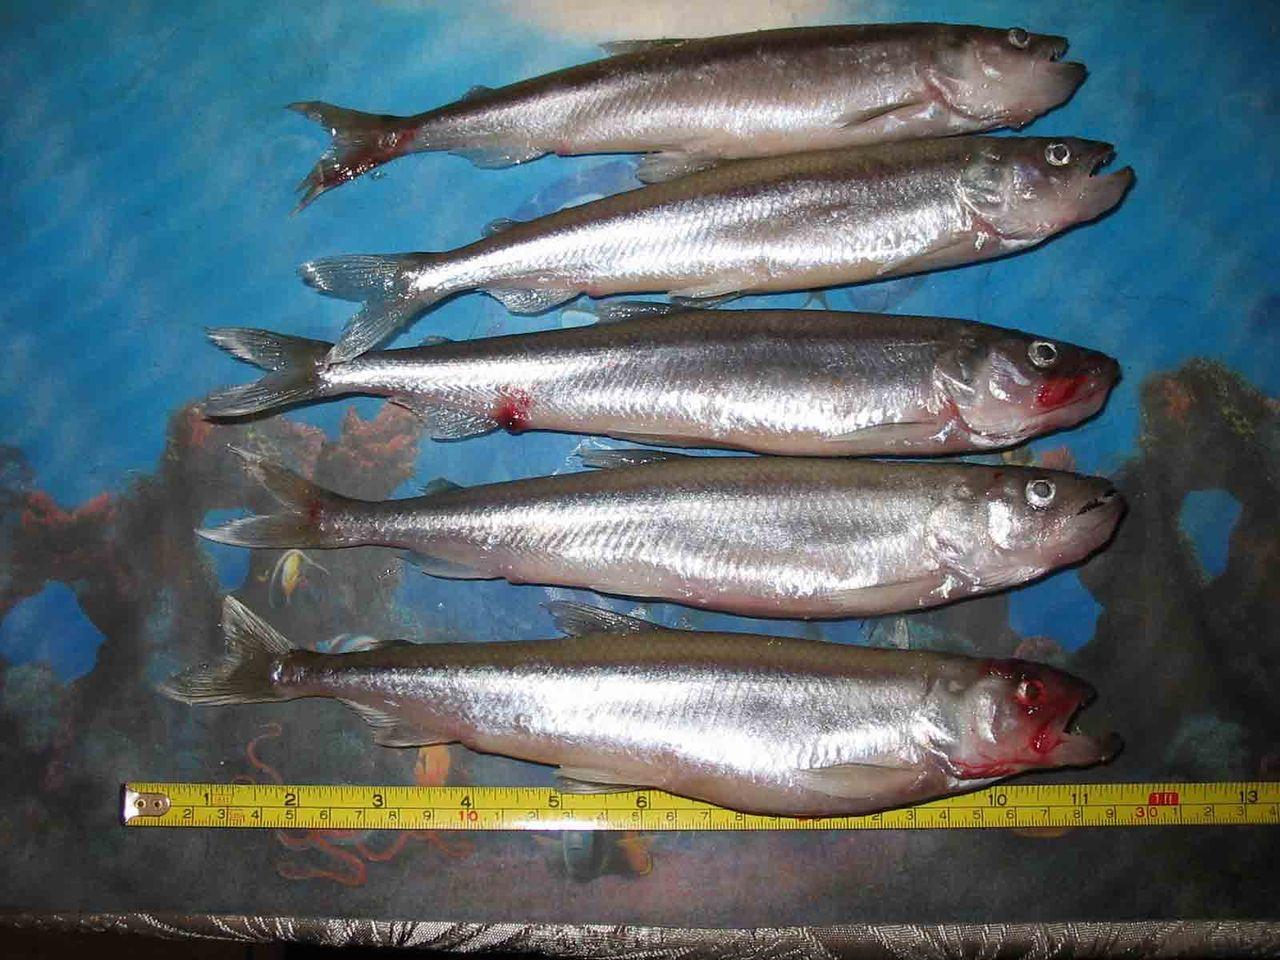 Рыбалка в зимний период рыбалка на финском заливе зимой — одно из лучших мест для подледной ловли вкуснейшей балтийской корюшки.